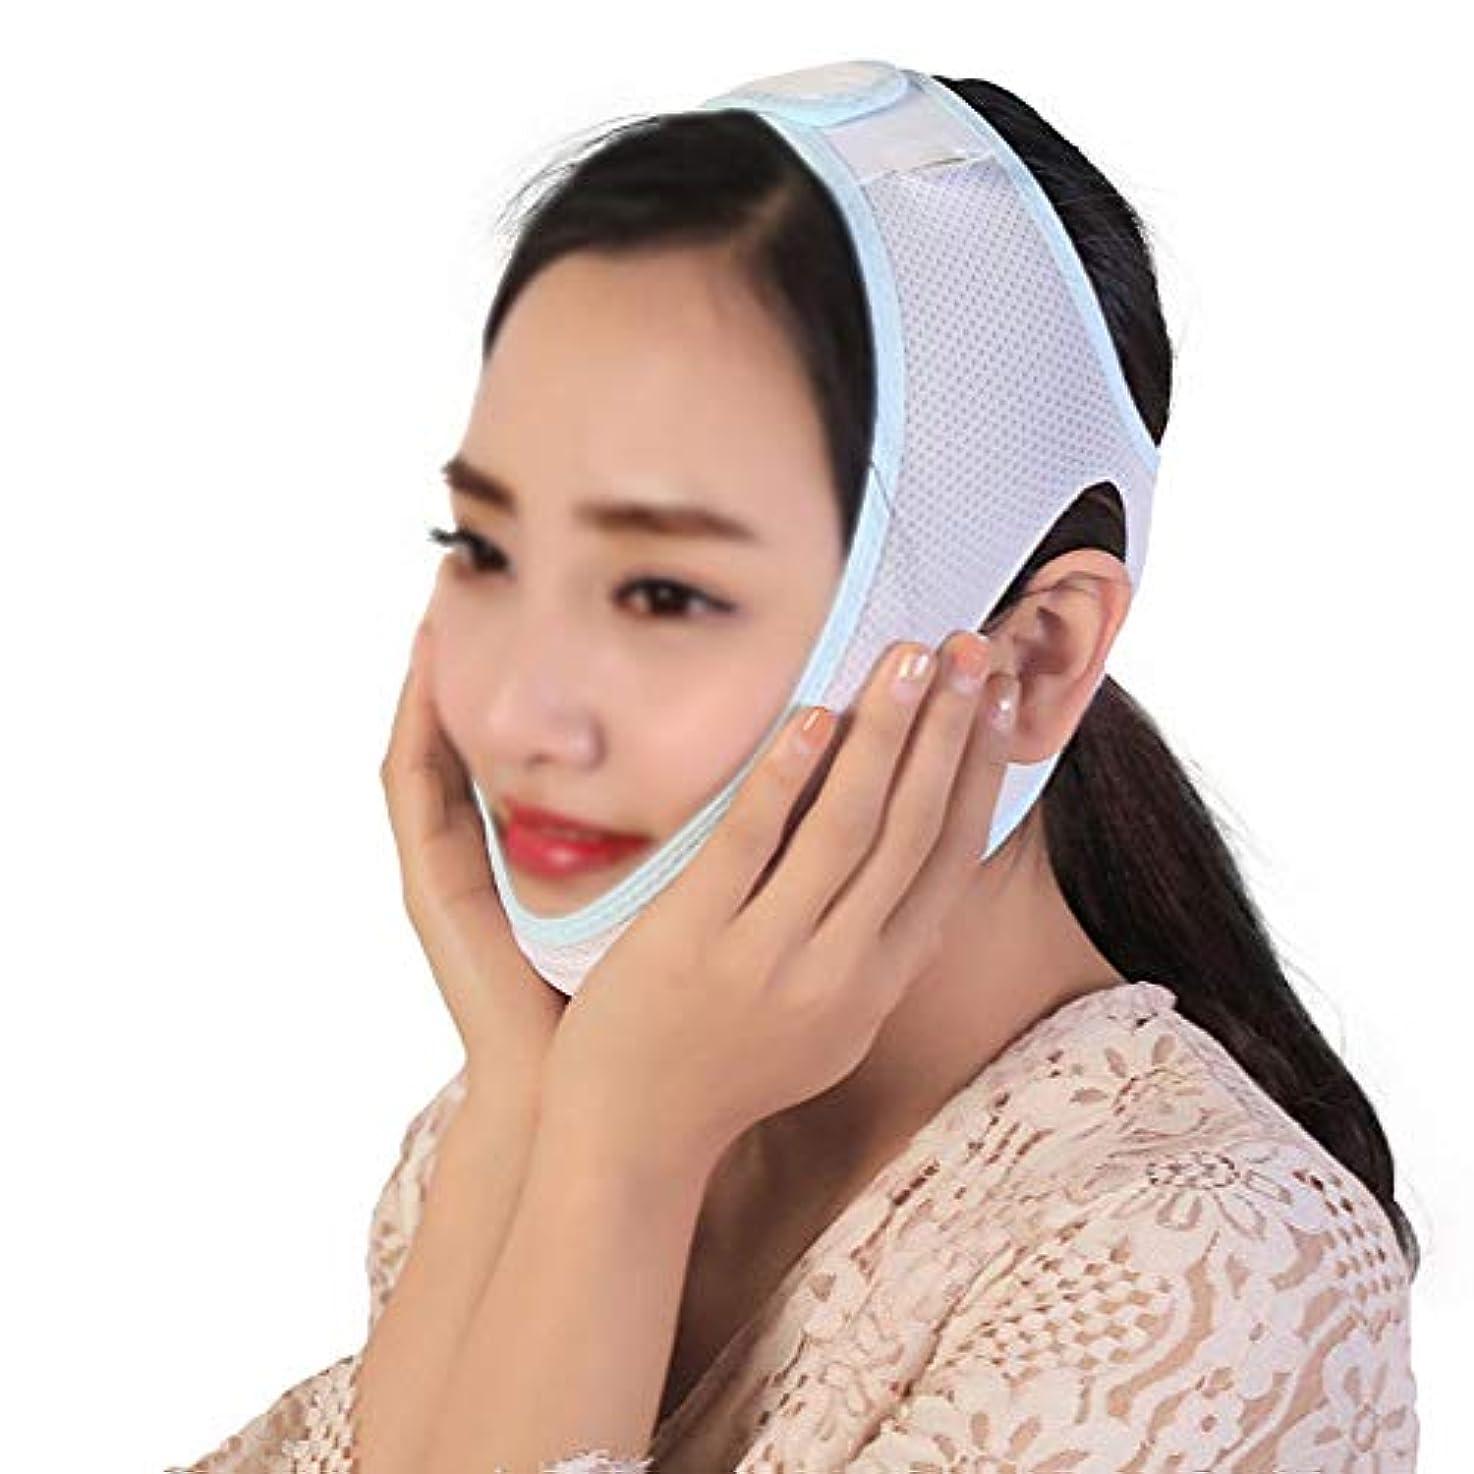 外側狼合わせてTLMY ファーミングマスクスモールVフェイスアーティファクトリフティングサーフェスプラスチックマスクコンフォートアップグレード最適化改善顔面カーブ包括的な通気性包帯 顔用整形マスク (Size : M)